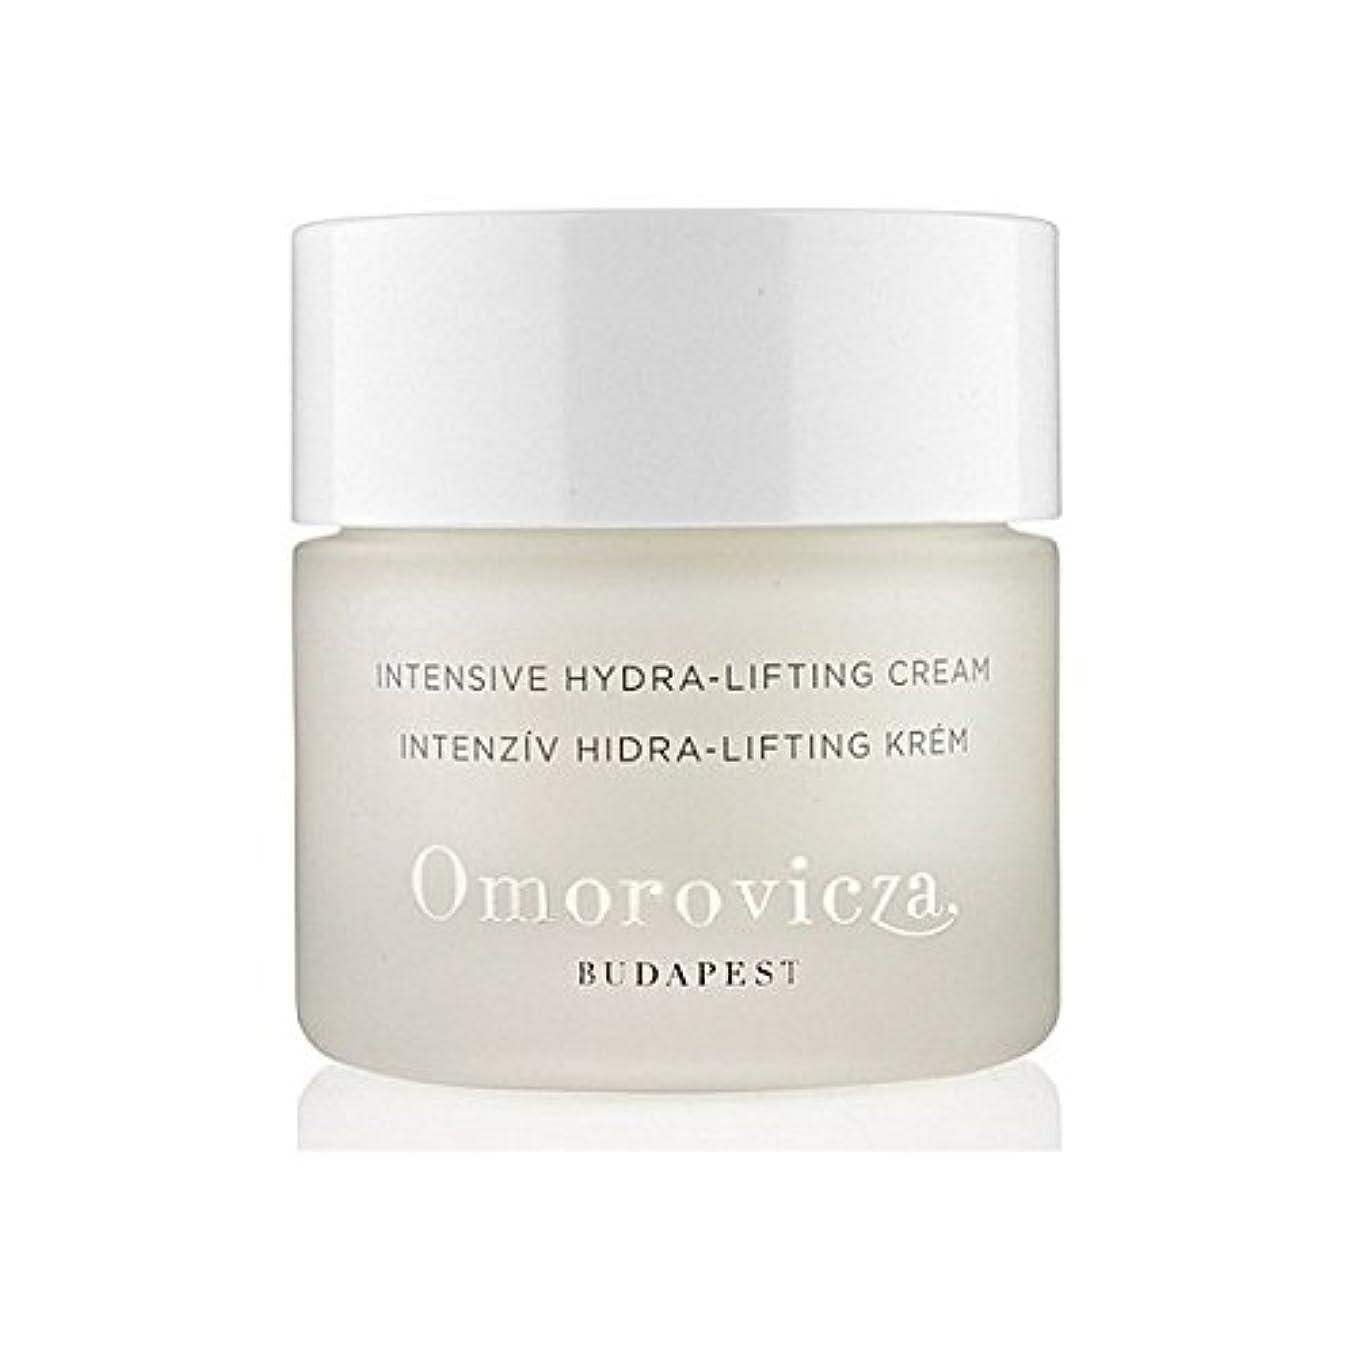 ディスパッチトーク地質学集中的なヒドラリフティングクリーム50 x2 - Omorovicza Intensive Hydra-Lifting Cream 50Ml (Pack of 2) [並行輸入品]